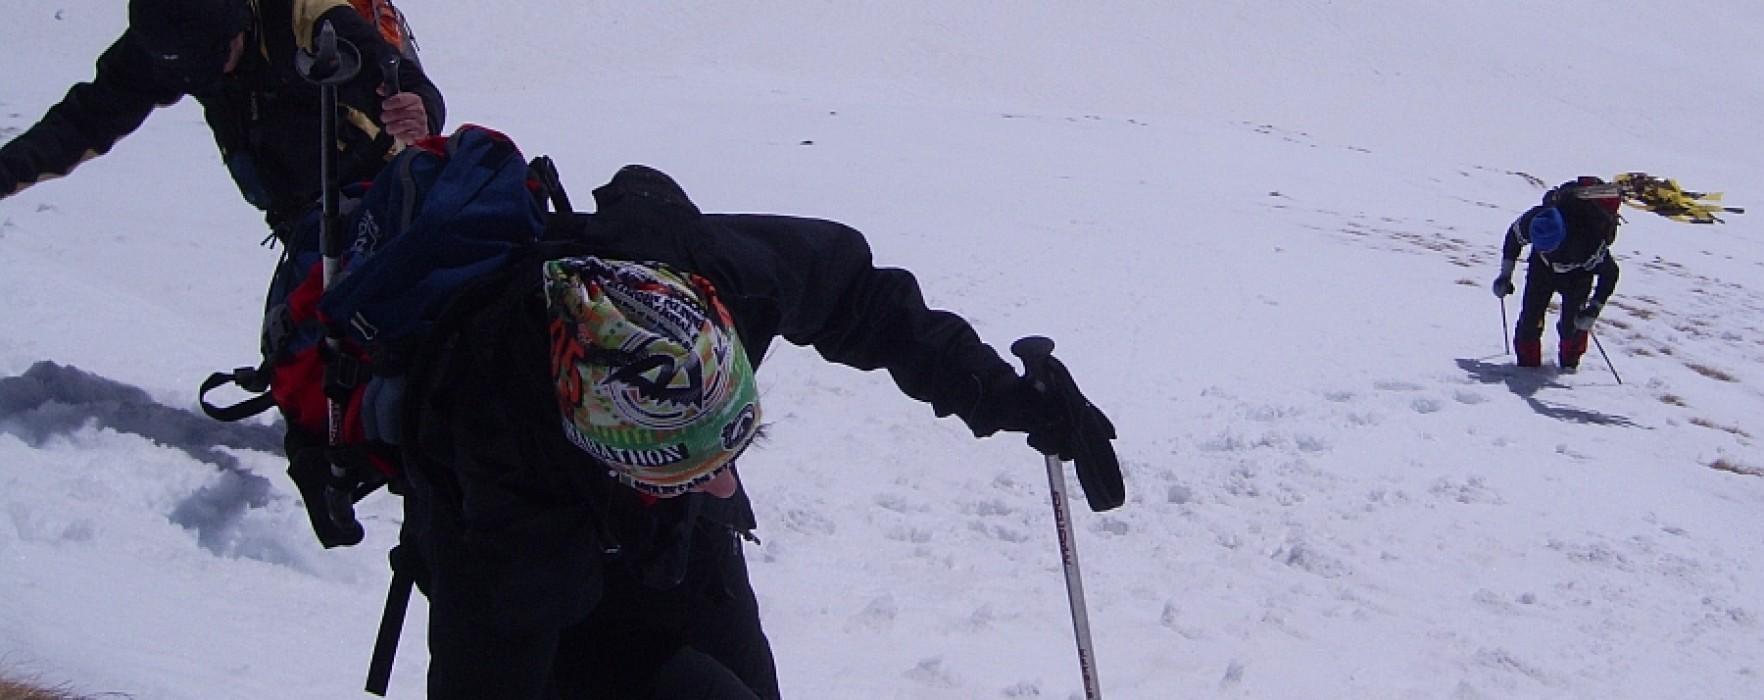 Câştigătorii concursului Bucegi Winter Race 2014